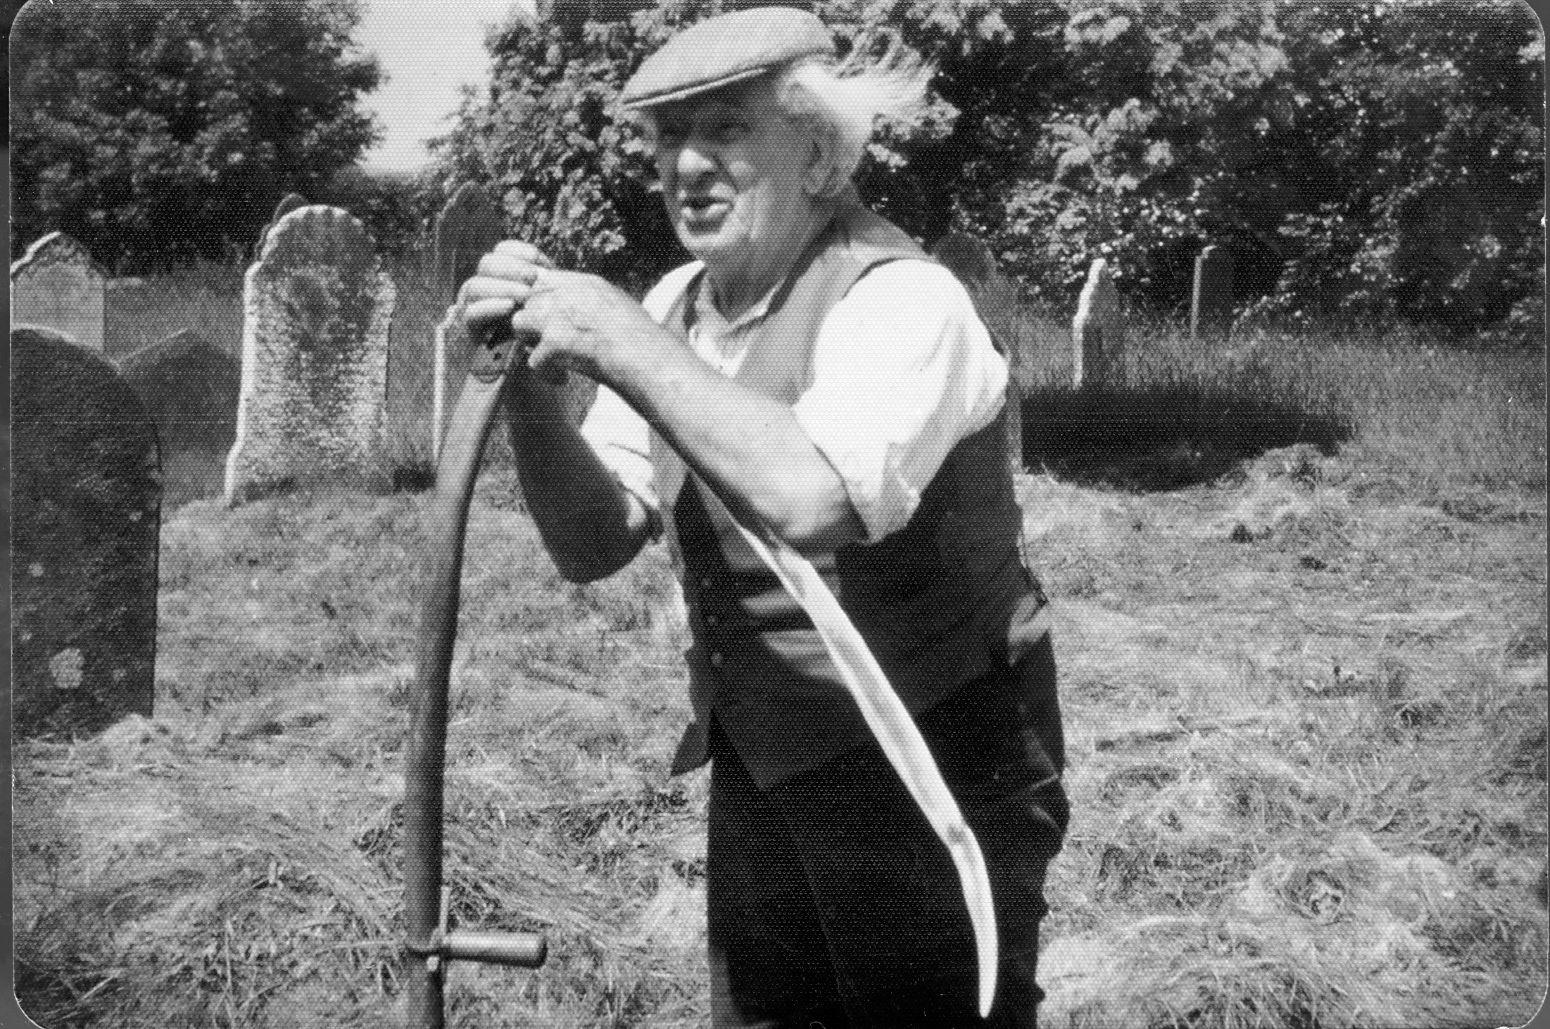 Church grass cutting F Leaworthy - kind permission of Barbara Ford